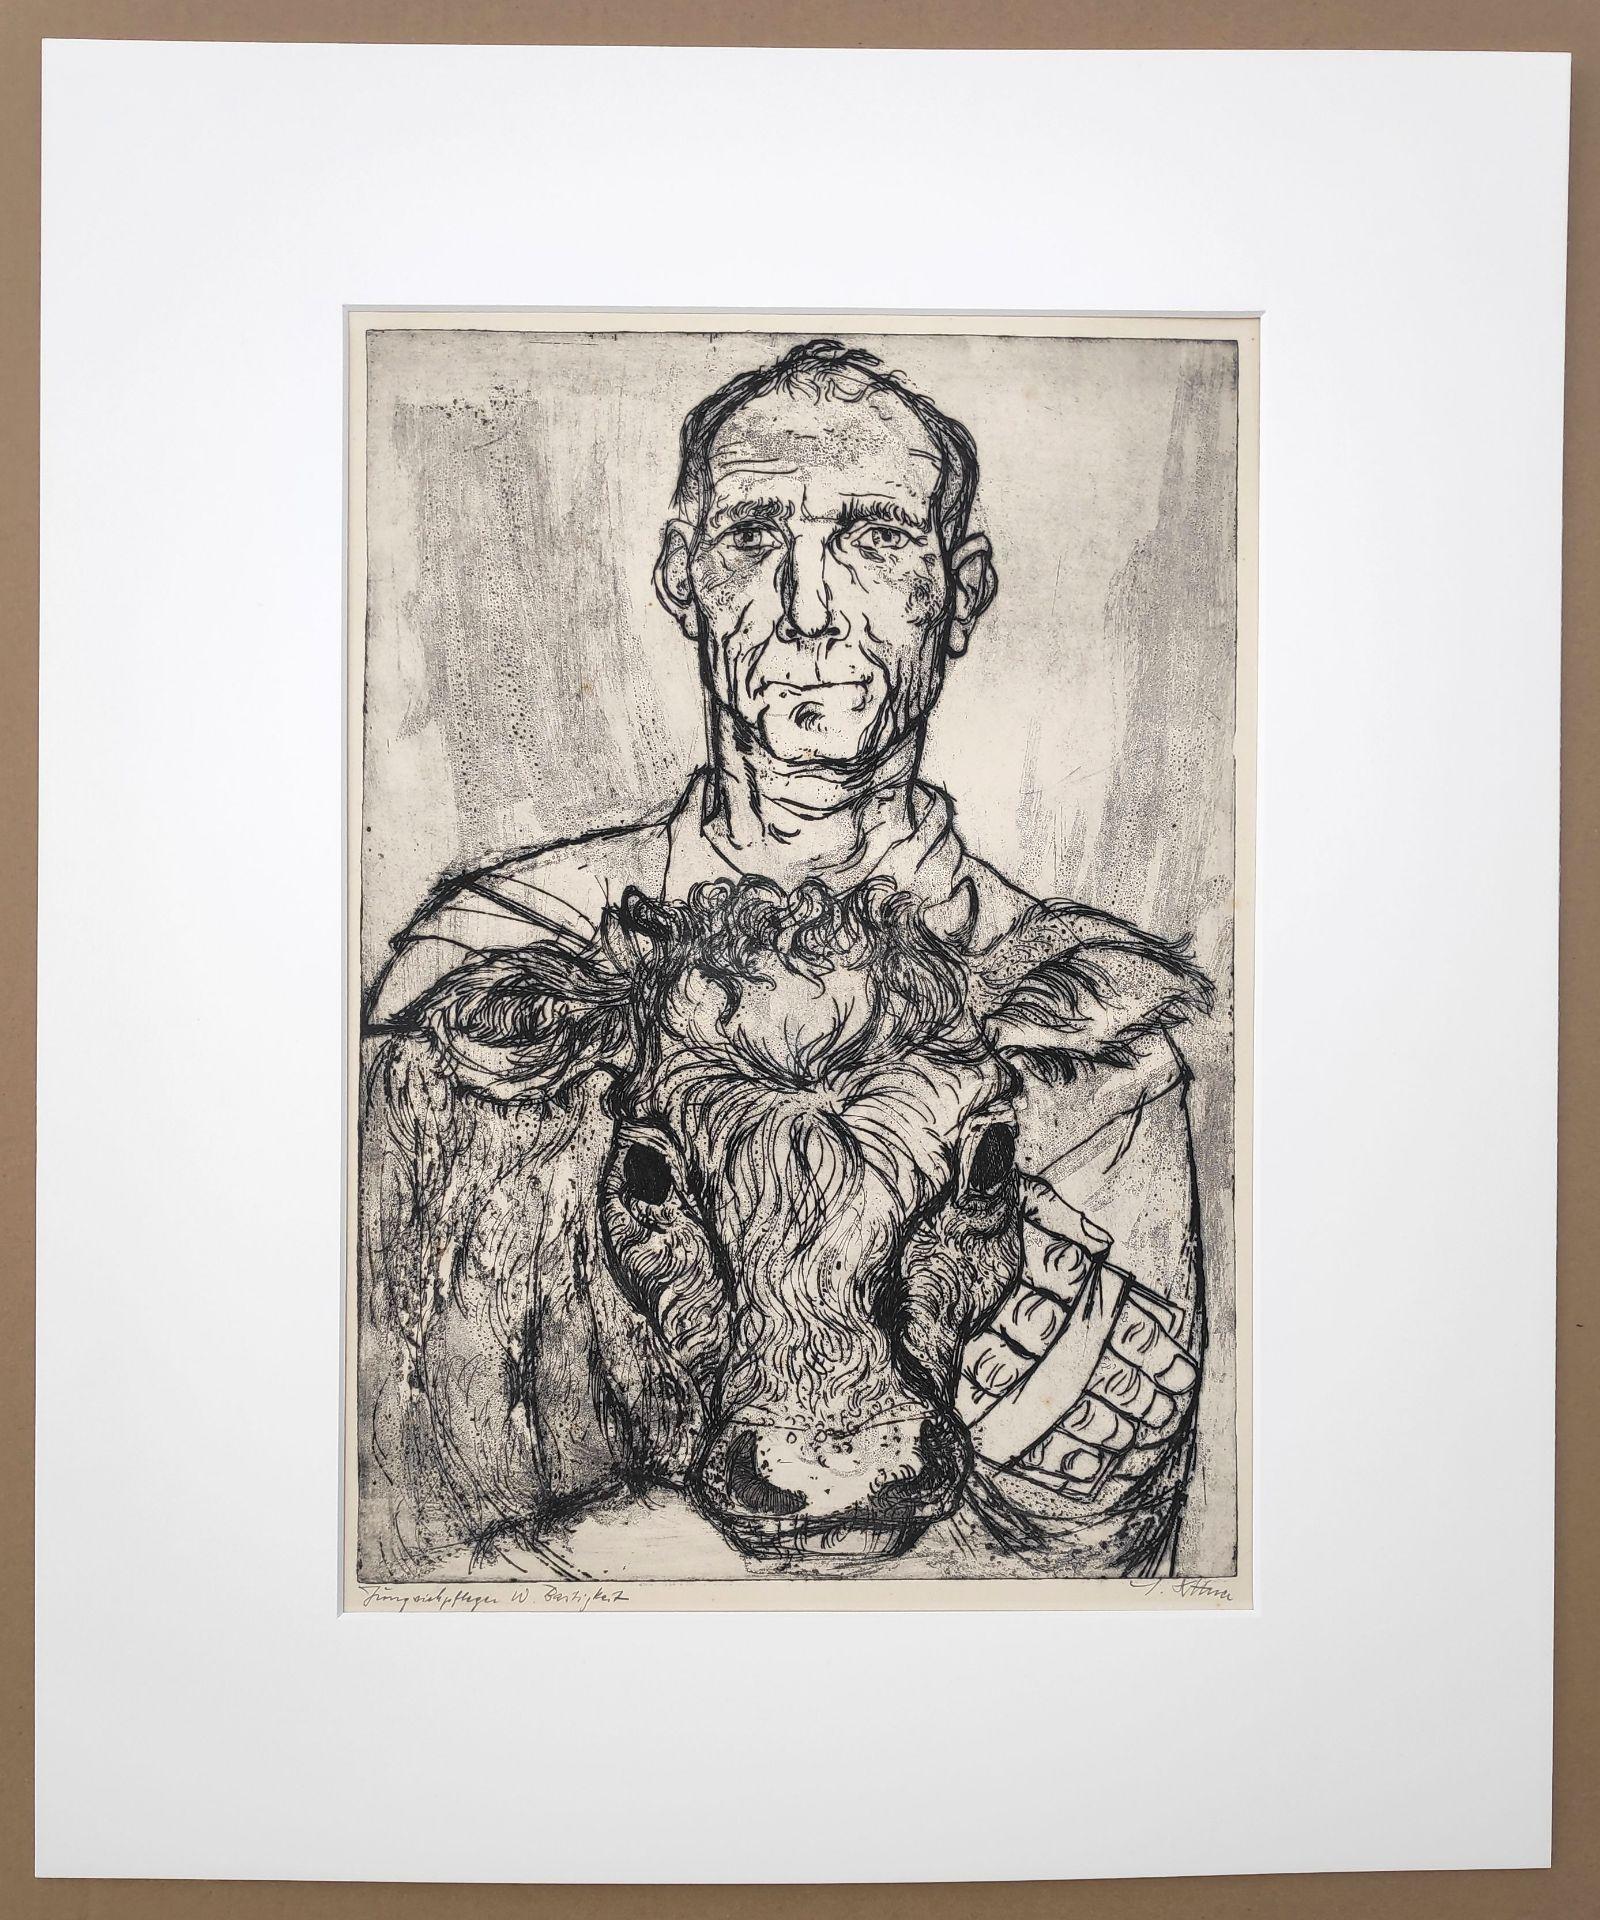 """Dittner, Sieghard (1924 Schneidemühl - 2002 Malchow) """"Jungviehpfleger W. Bastigkeit"""" - Bild 2 aus 4"""